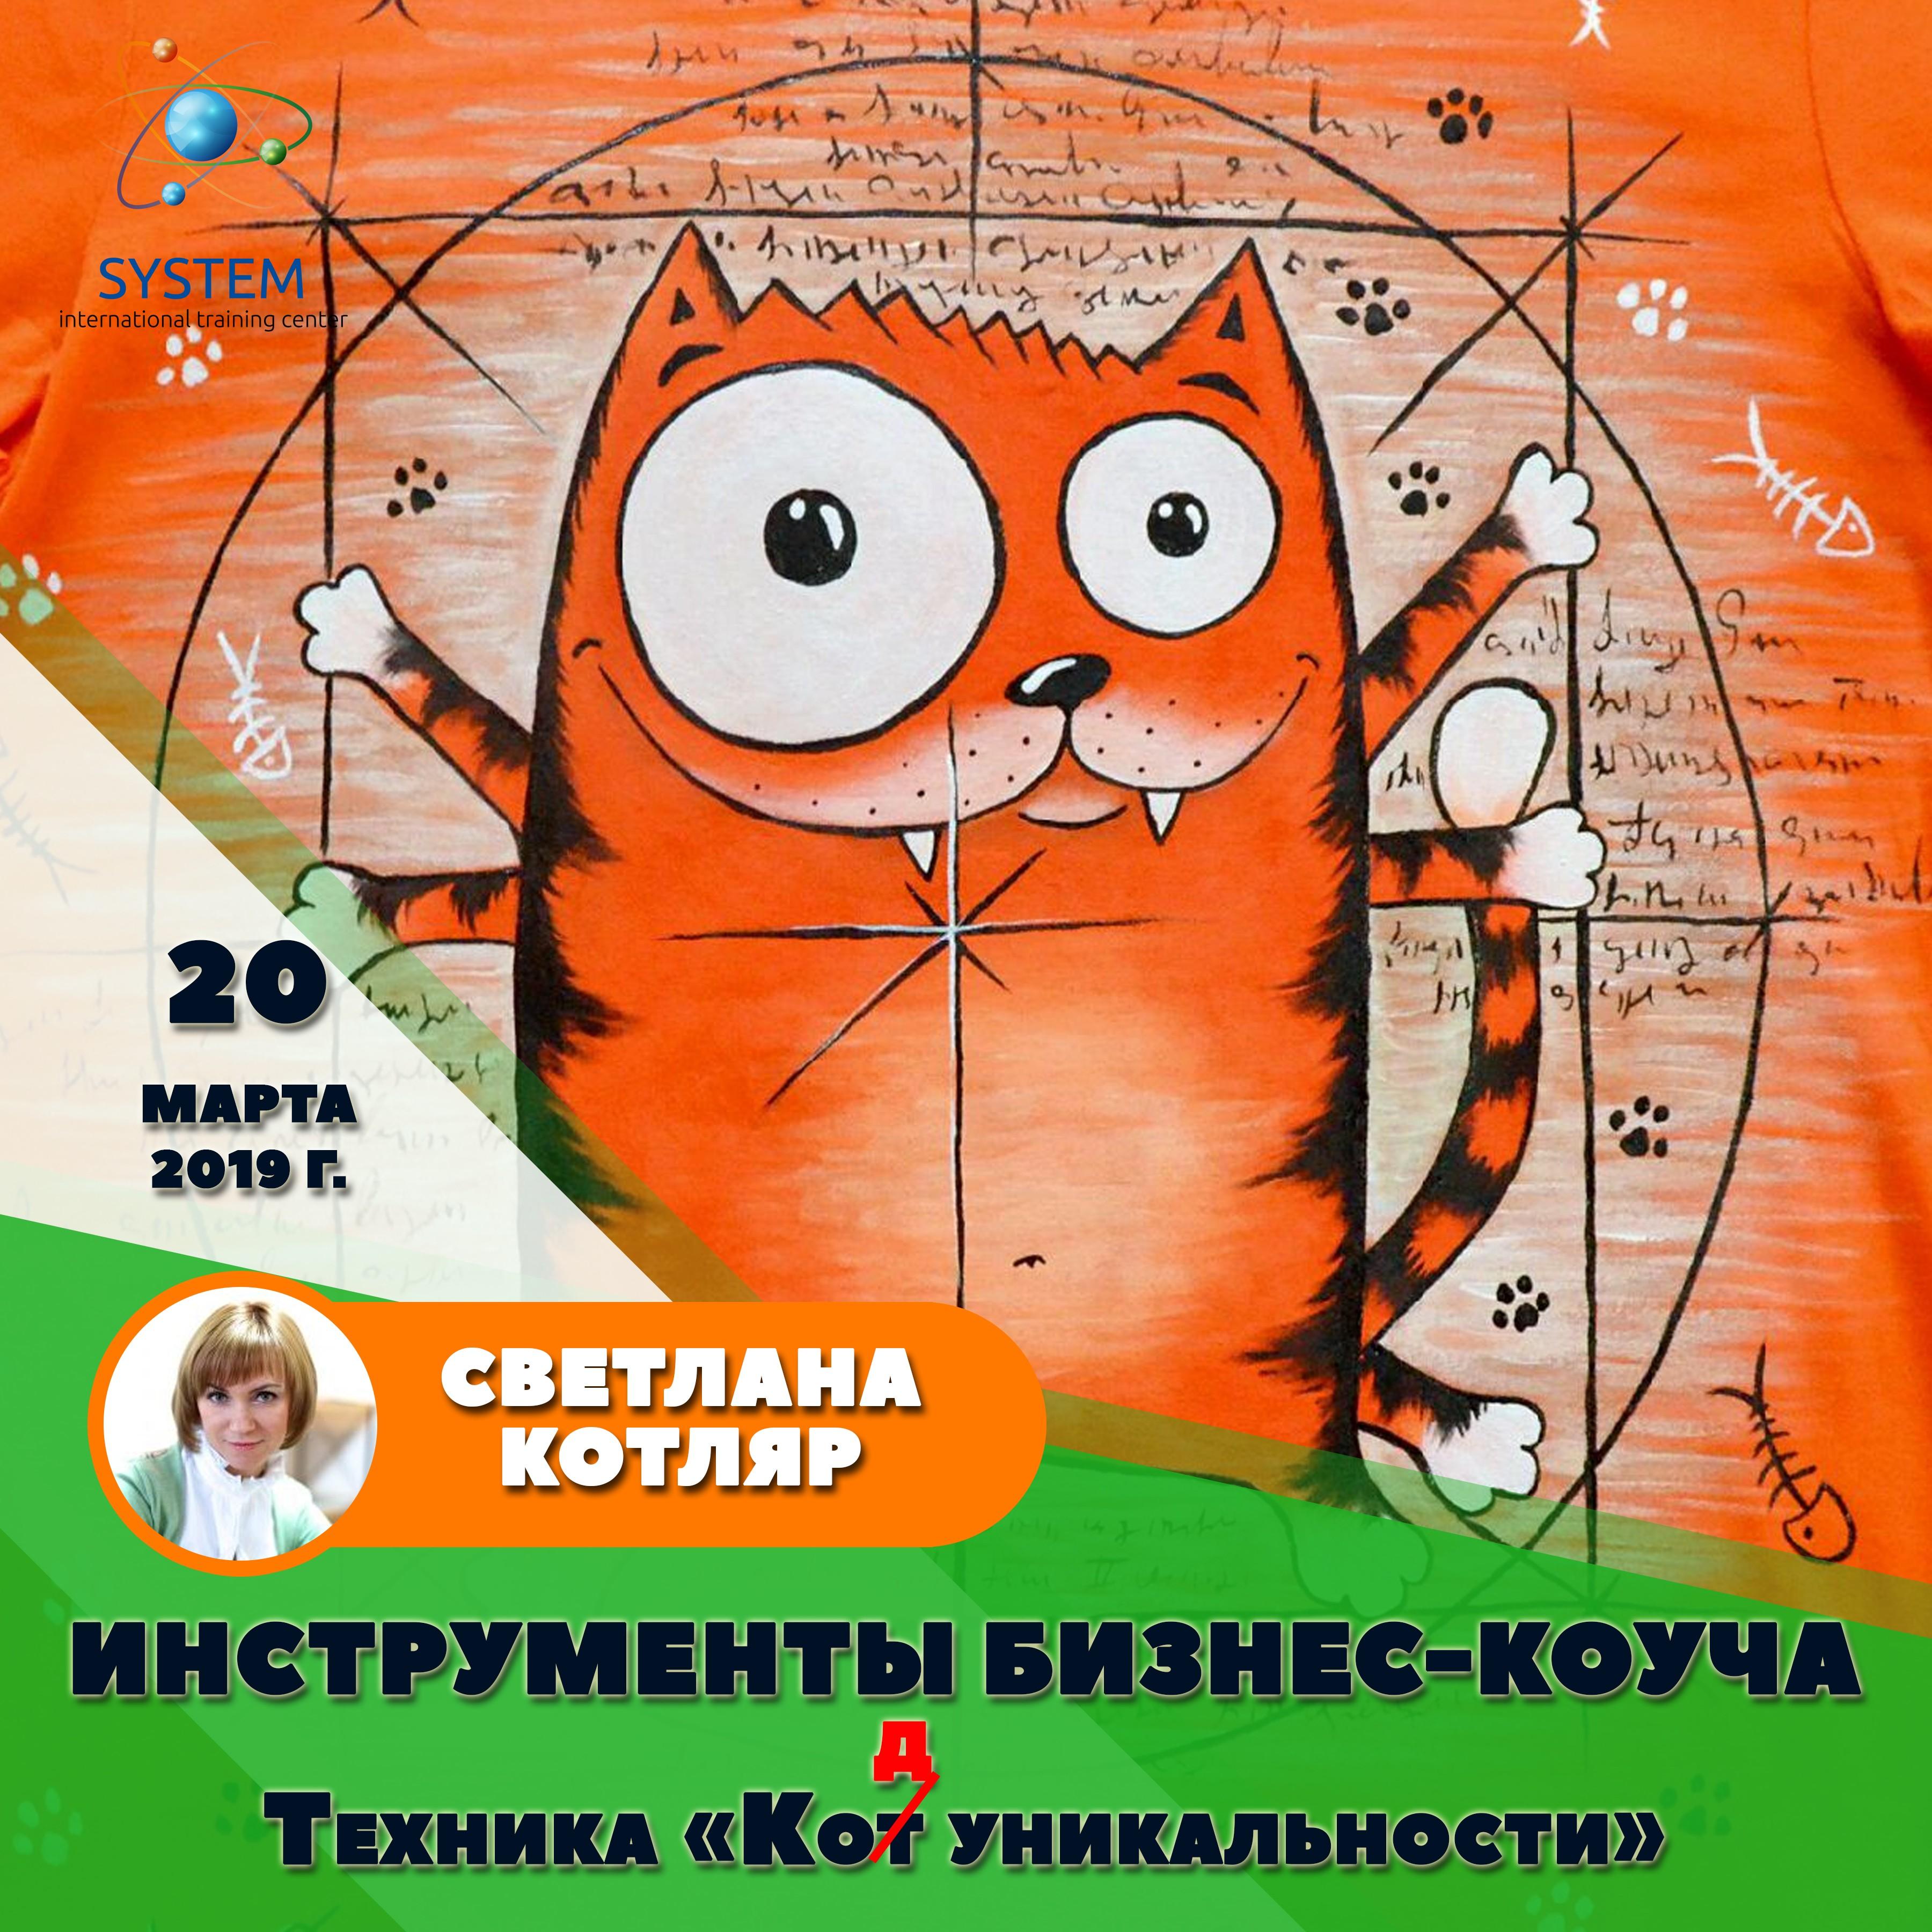 Инструменты бизнес-коуча. Техника «Код уникальности» @ Владивосток, ул. Жигура, 26а, БЦ «Seven», ауд. 2-7, «System ITC».